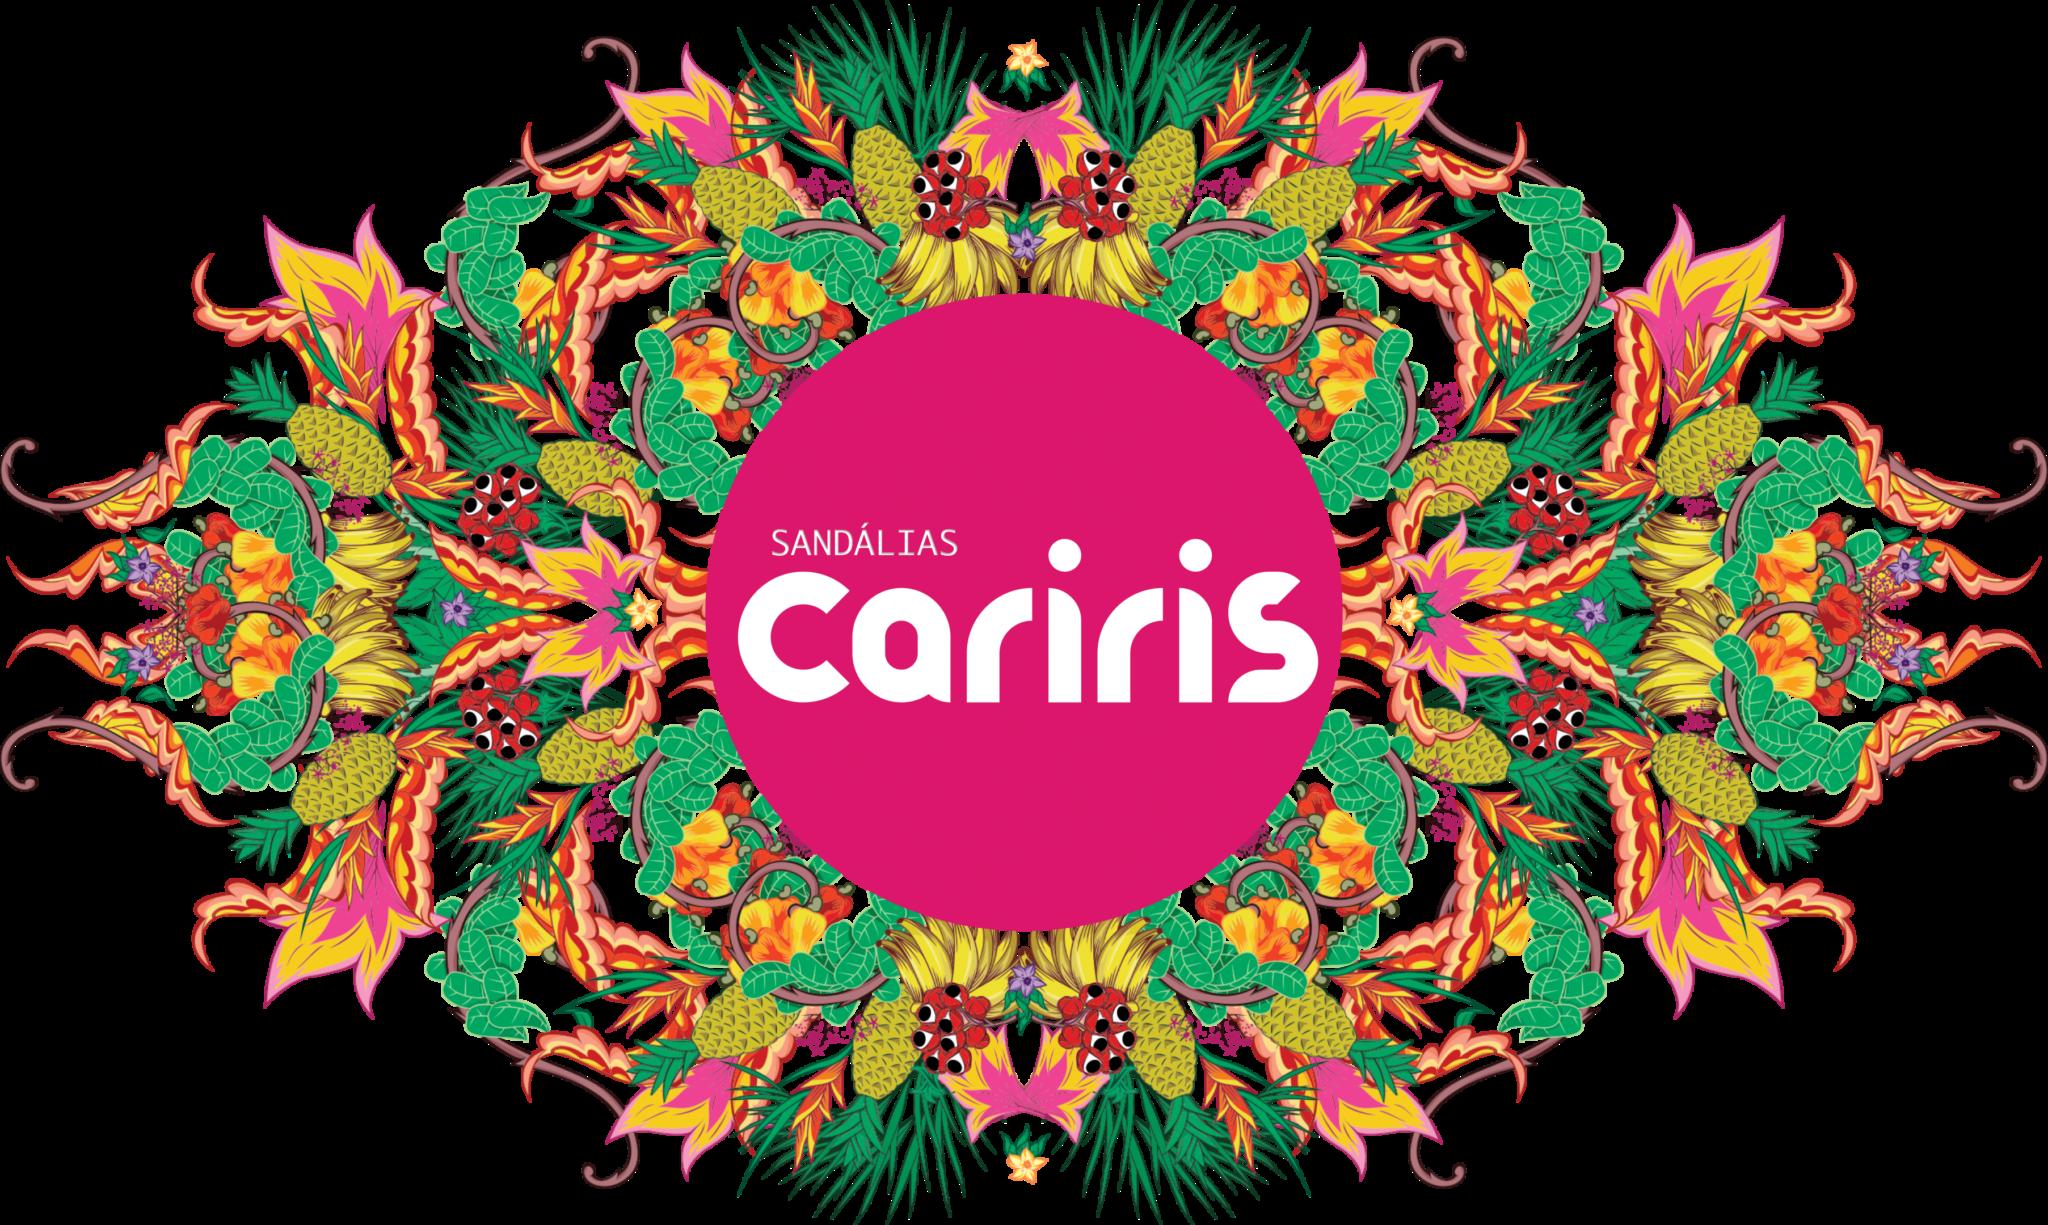 Cariris Sandals